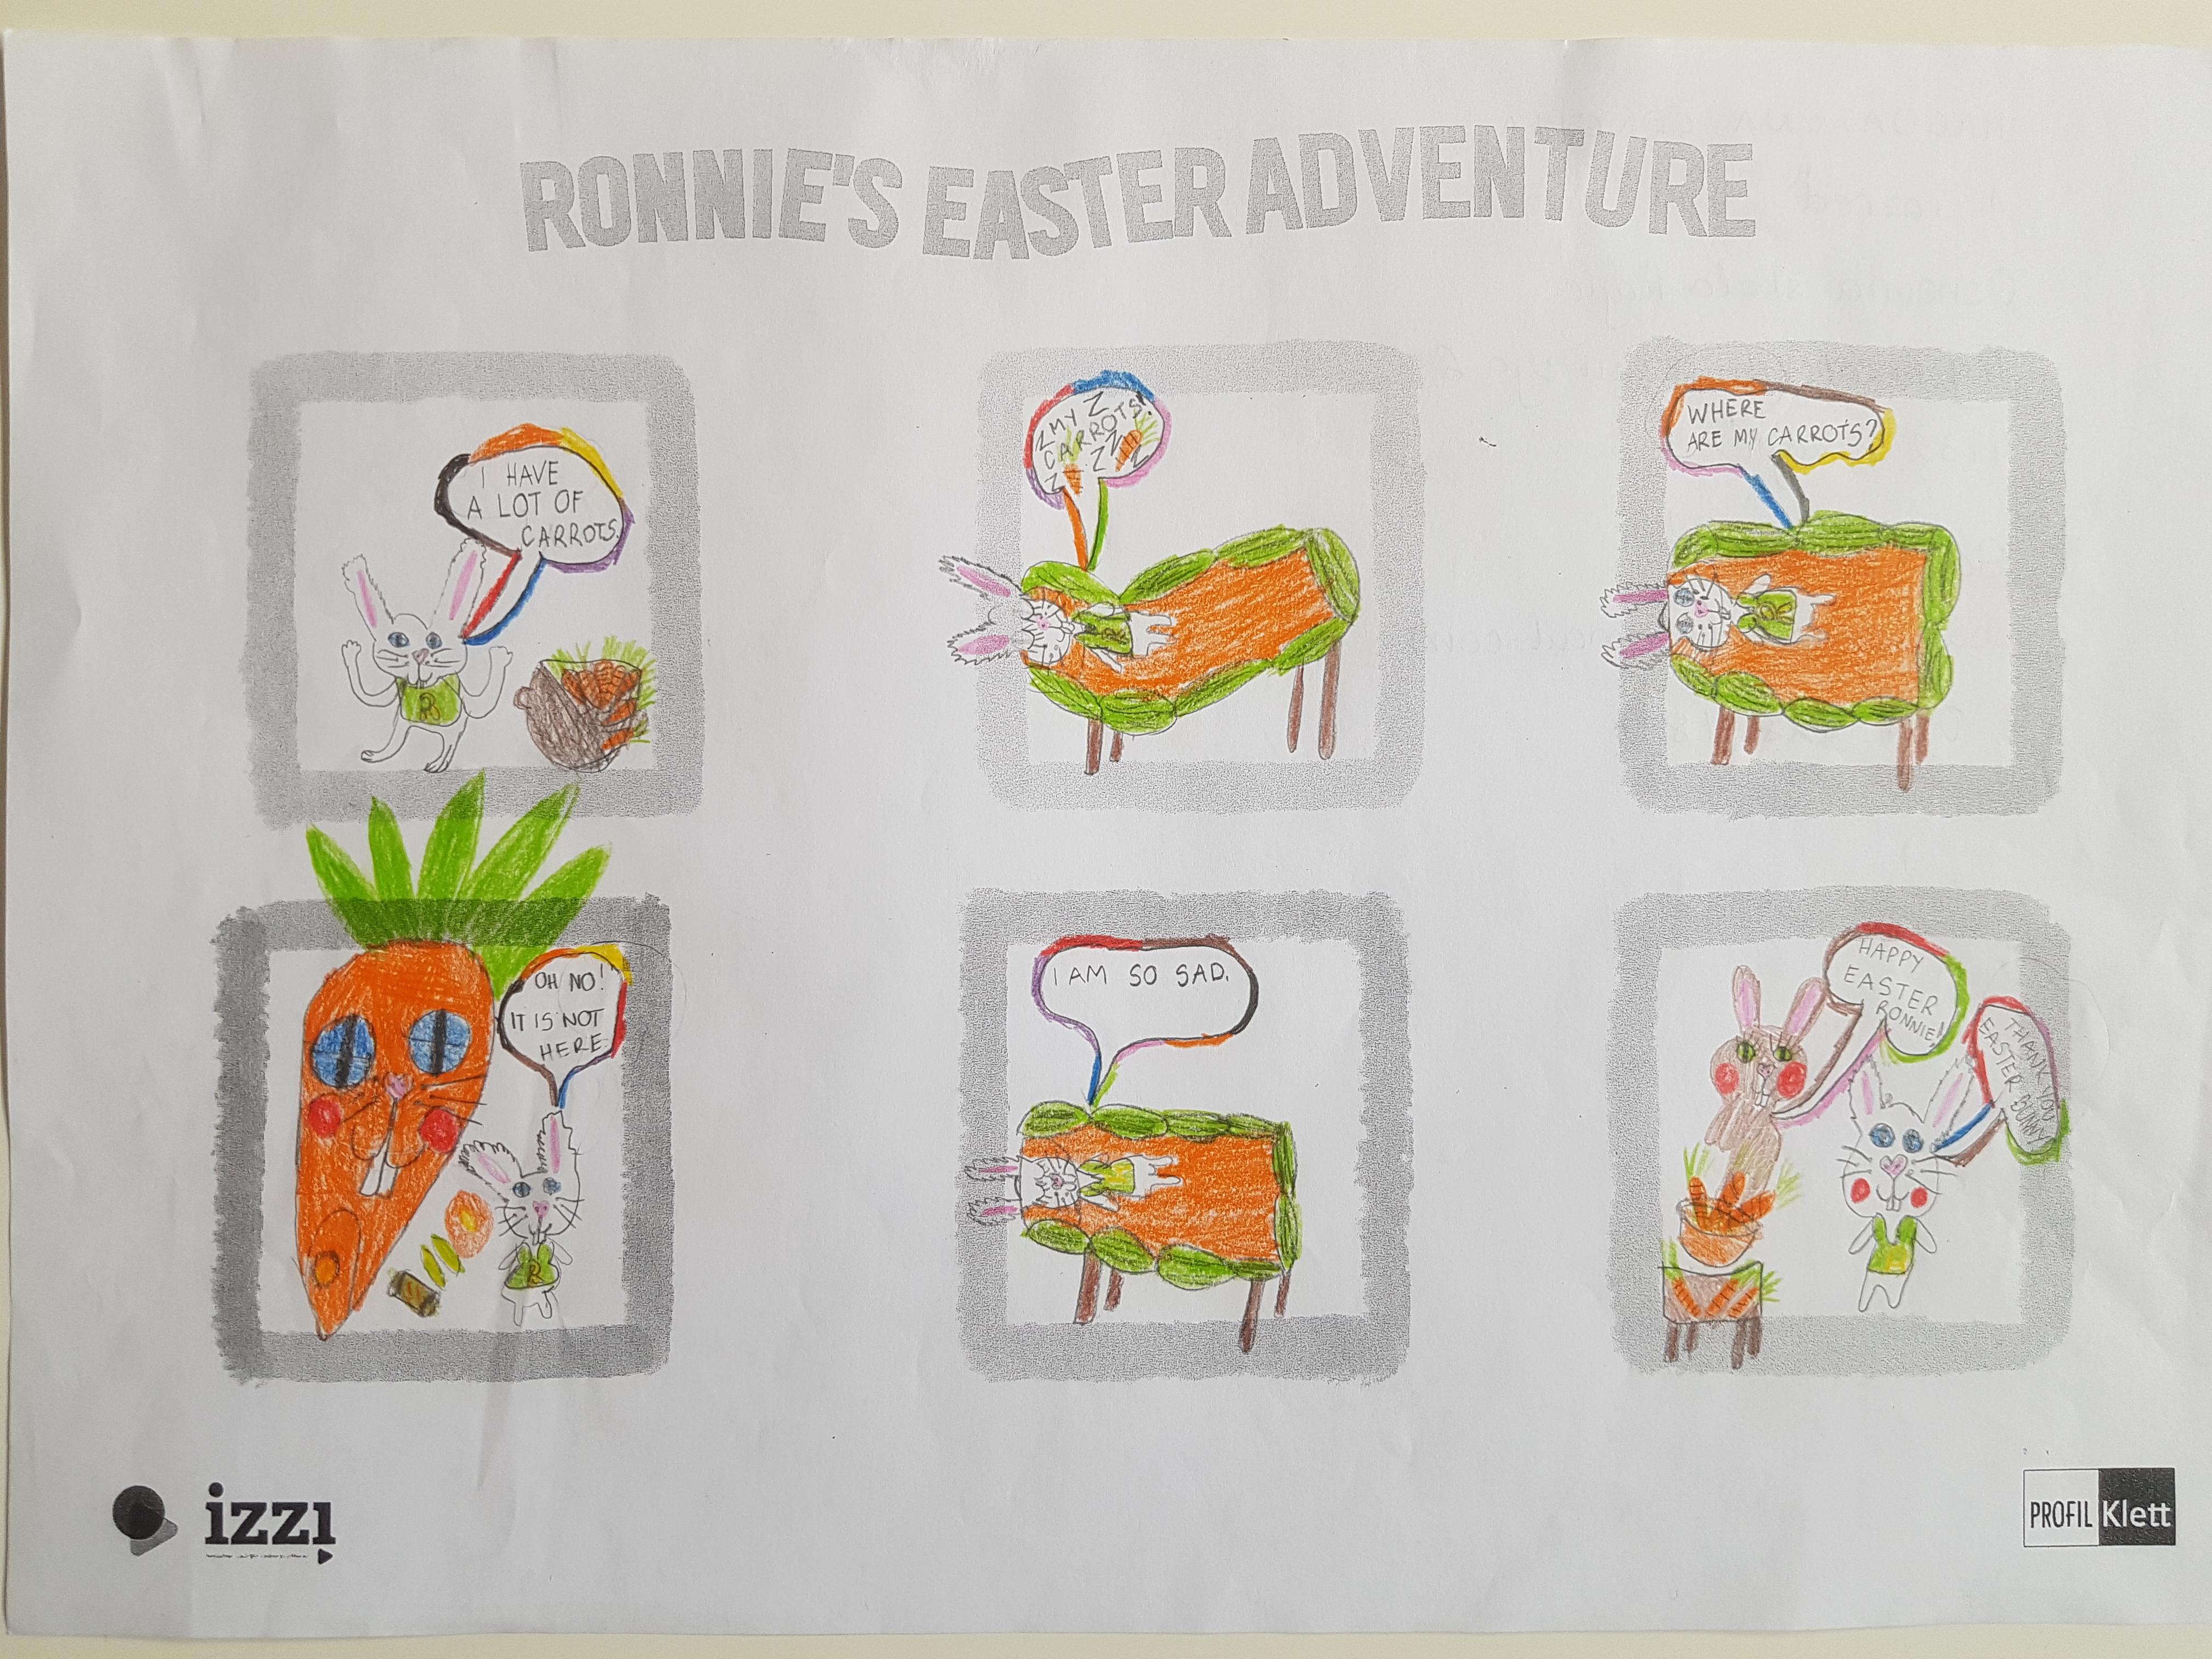 Kroz natječaj učenici pomažu zečiću Ronnieju pronaći izgubljenu mrkvu.